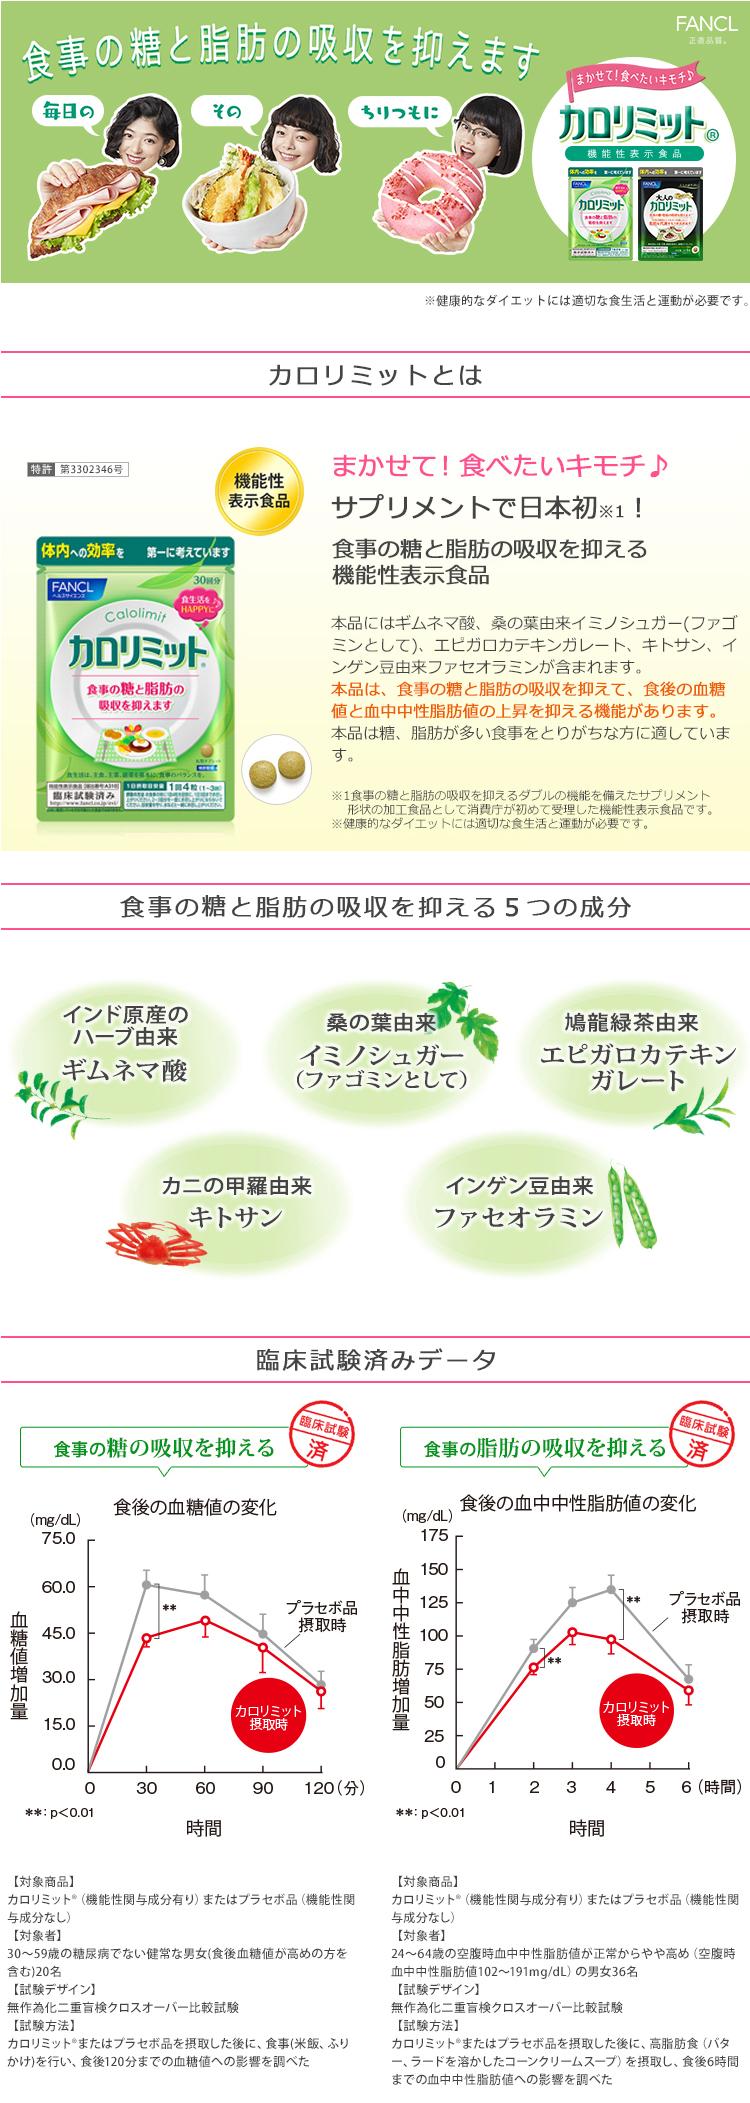 食事の糖と脂肪の吸収を抑える  カロリミットとは 食生活をハッピーに!サプリメントで日本初!食事の糖と脂肪の吸収を抑える 機能性表示食品 5つの成分 ギムネマ酸 イミノシュガー エピガロカテキンガレート キトサン ファセオラミン